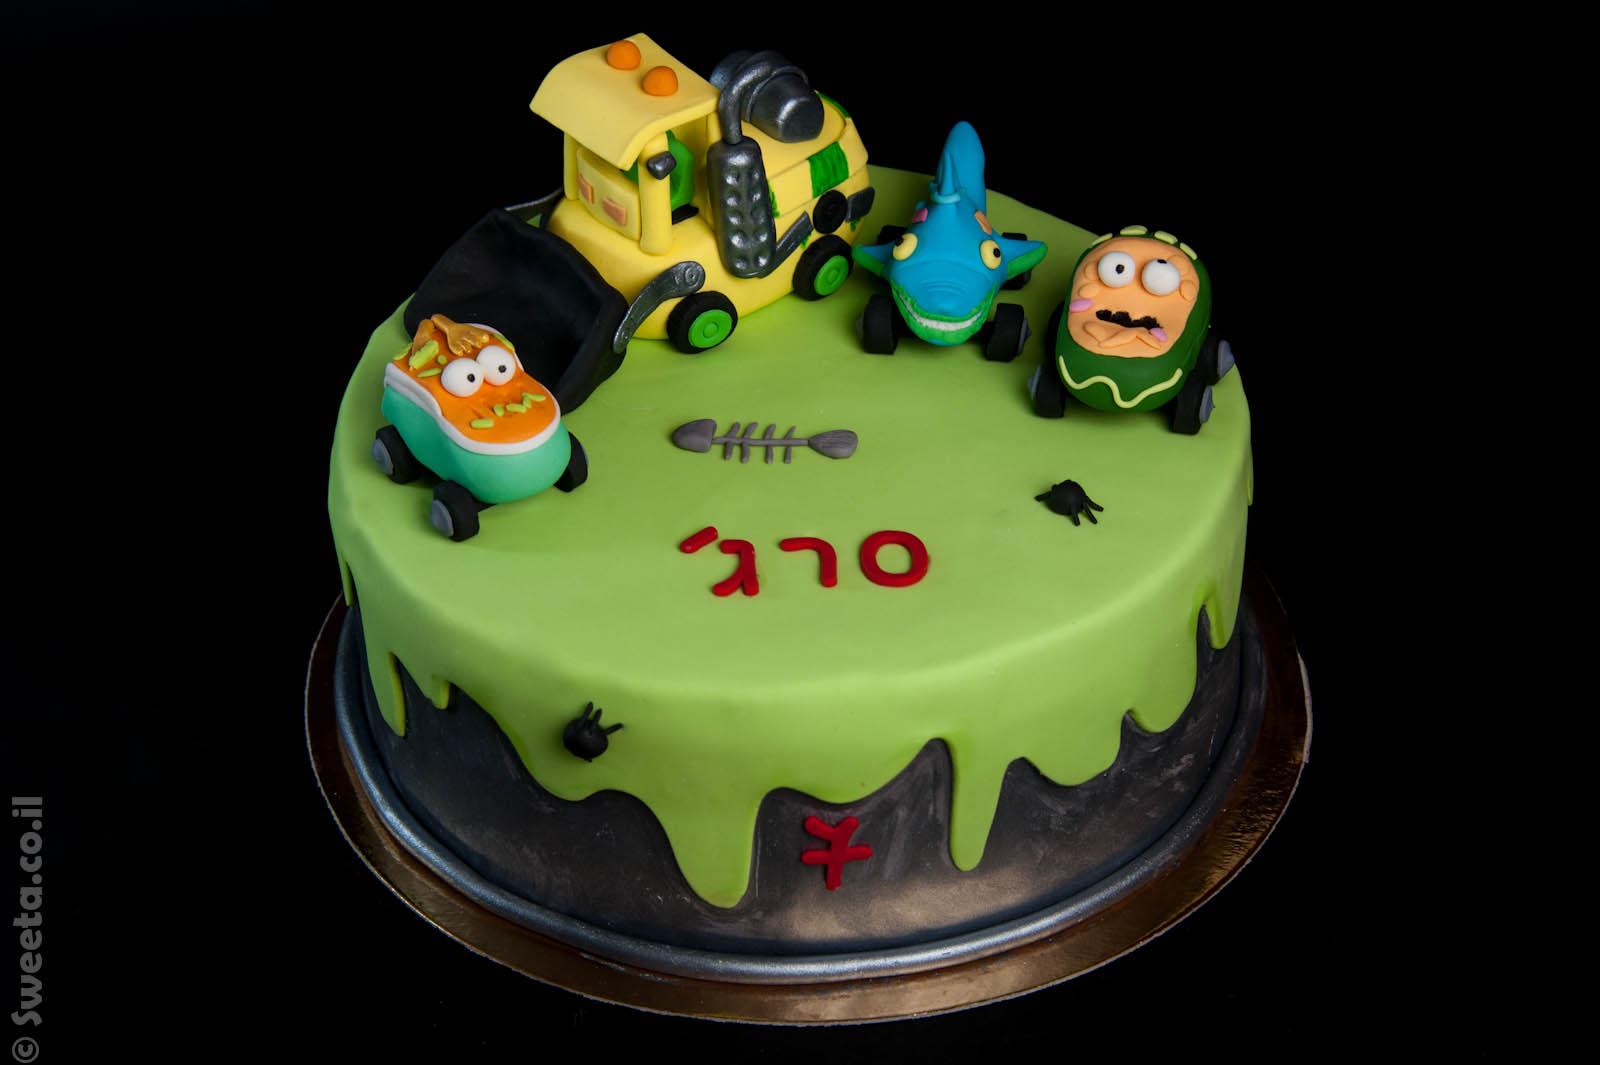 עוגת זיבלונים עם כלי רכב מעוצבים מבצק סוכר